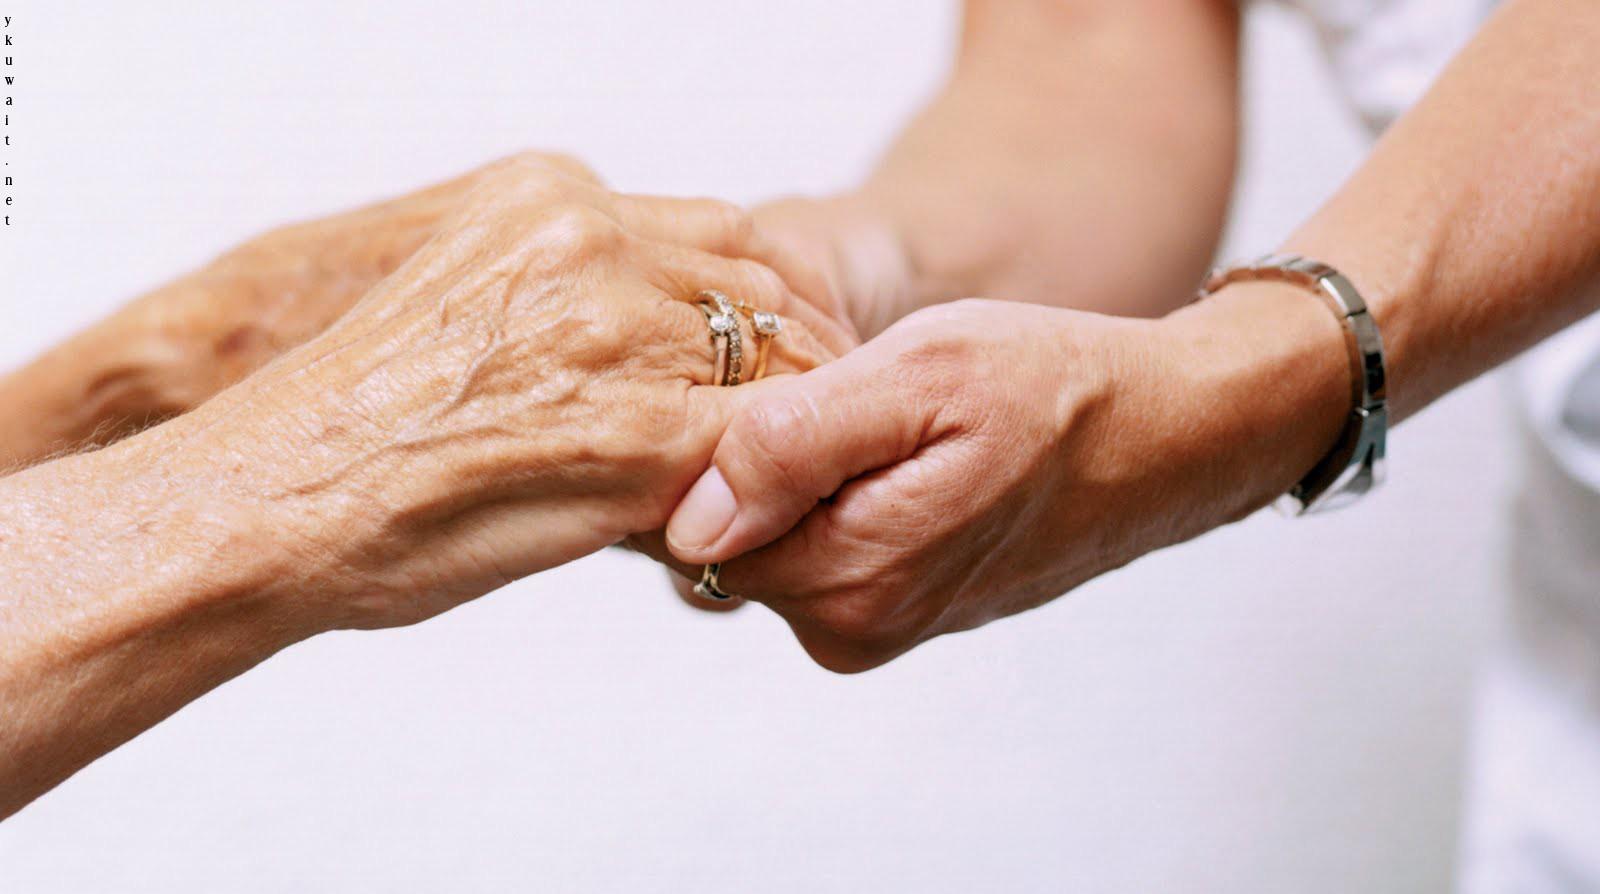 مساعدة الآخرين يخفف من حدة آثار الإجهاد اليومي علينا